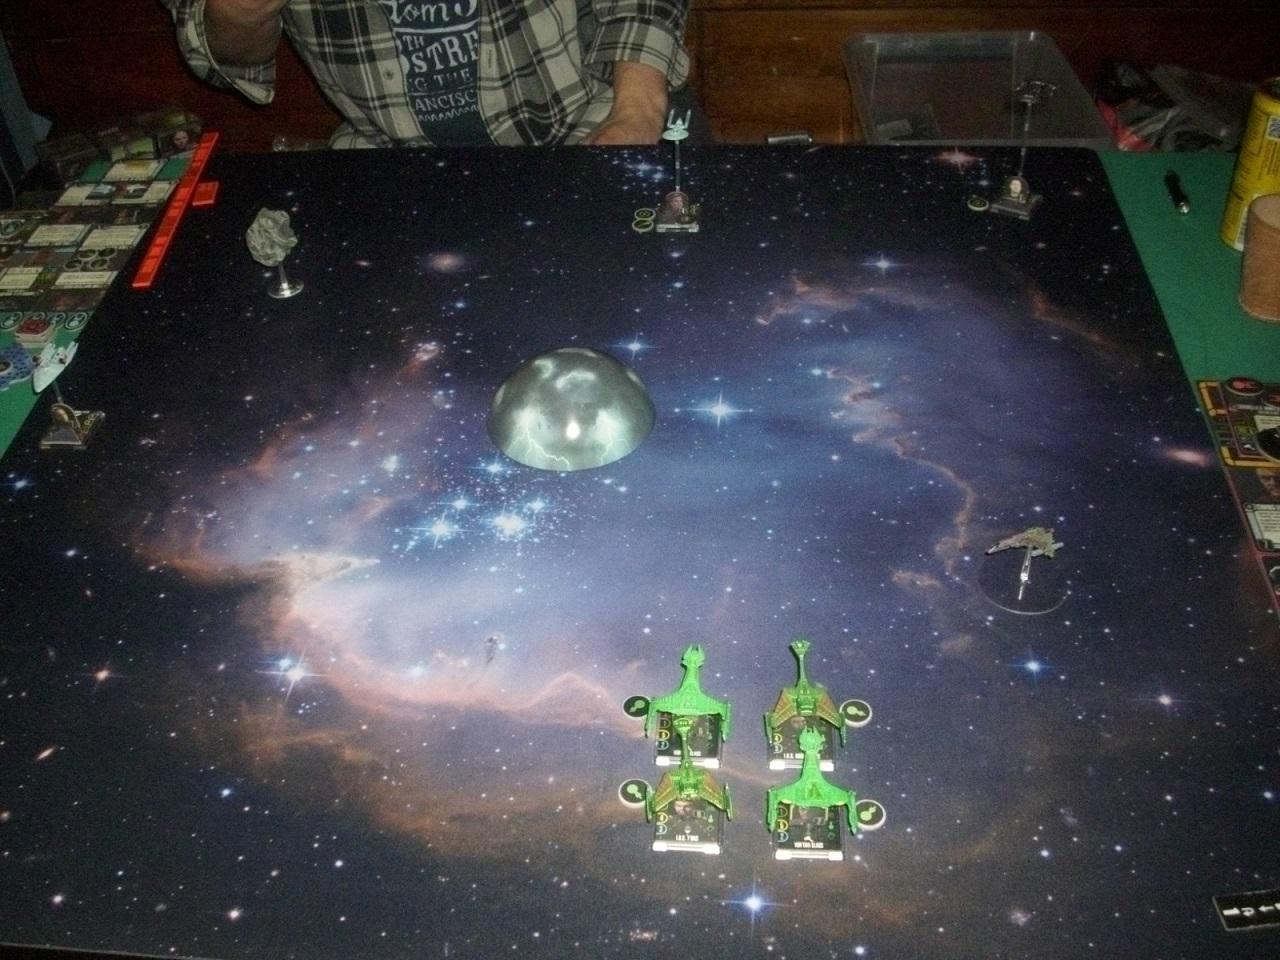 Organia ... Überfall der Föderation auf das klingonische Reich D75r60kfs9sfiwwve